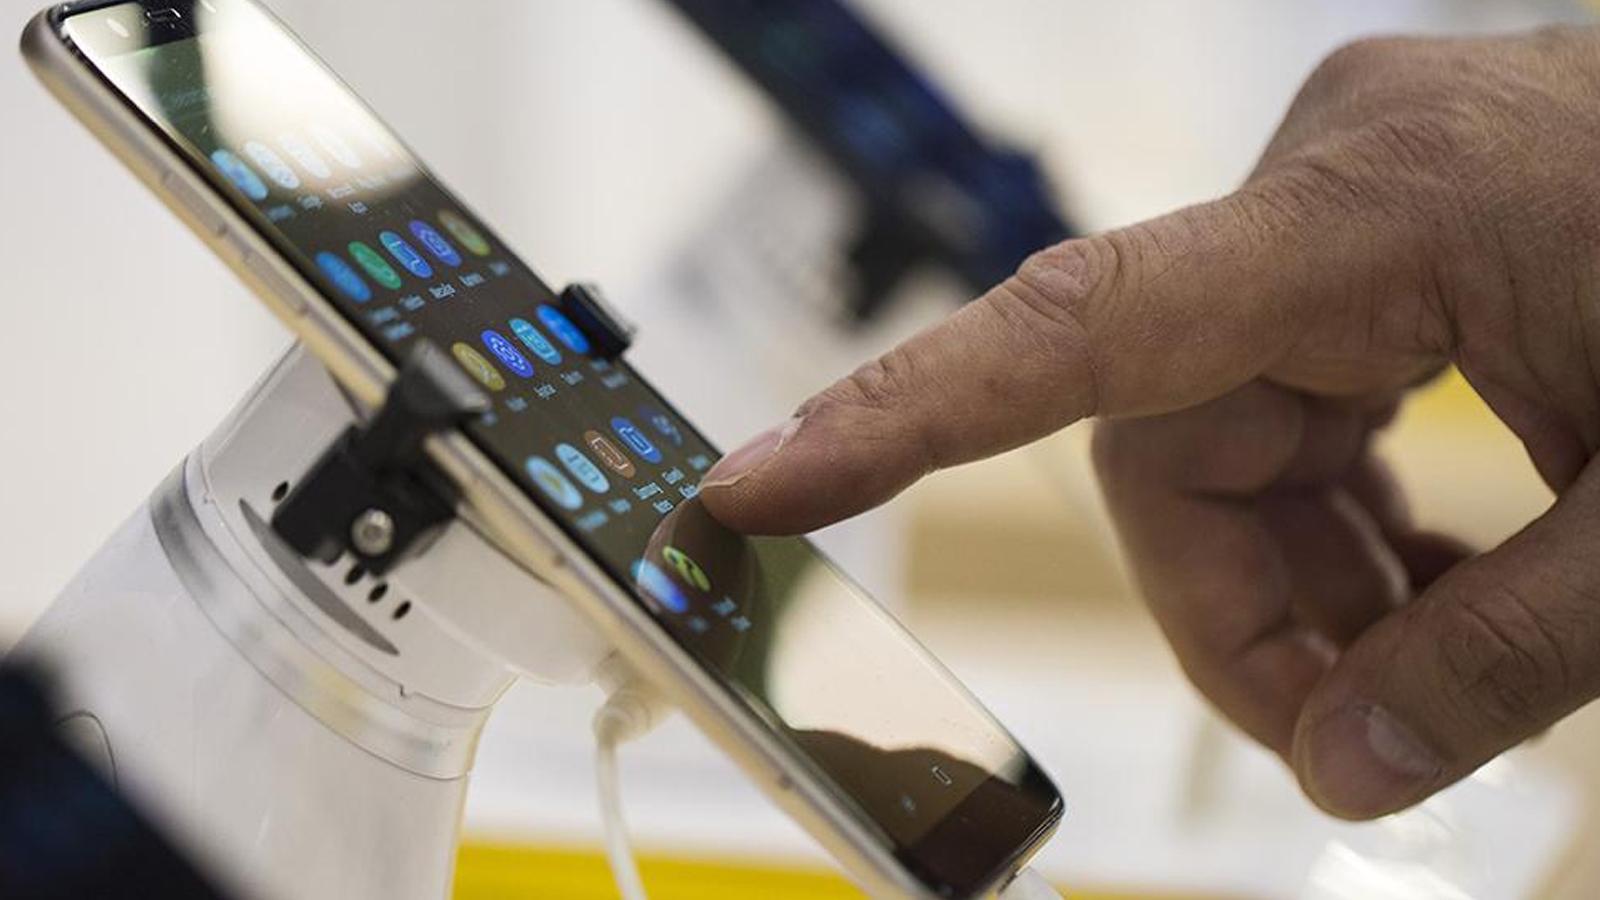 """Çin menşeli akıllı telefonlara karşı """"casusluk"""" uyarısı"""